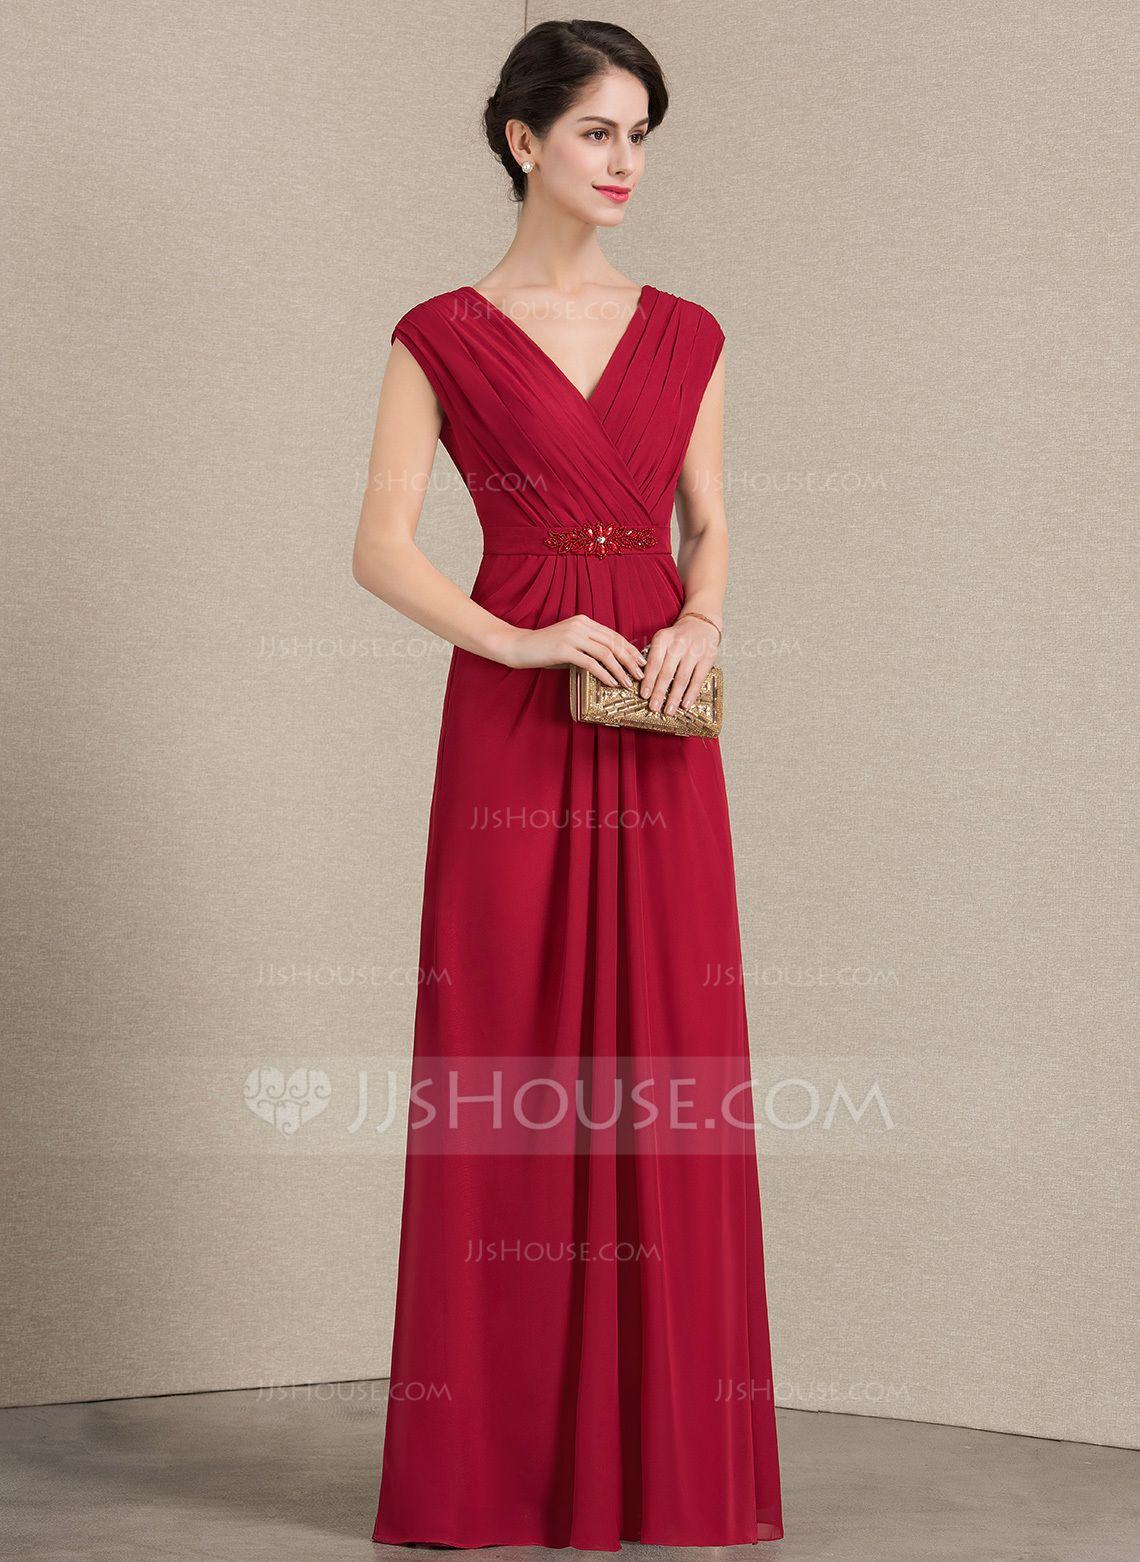 A-Linie Princess-Linie V-Ausschnitt Bodenlang Chiffon Kleid für die  Brautmutter mit Rüschen Perlstickerei (008143380) - JJsHouse a7597e47e3